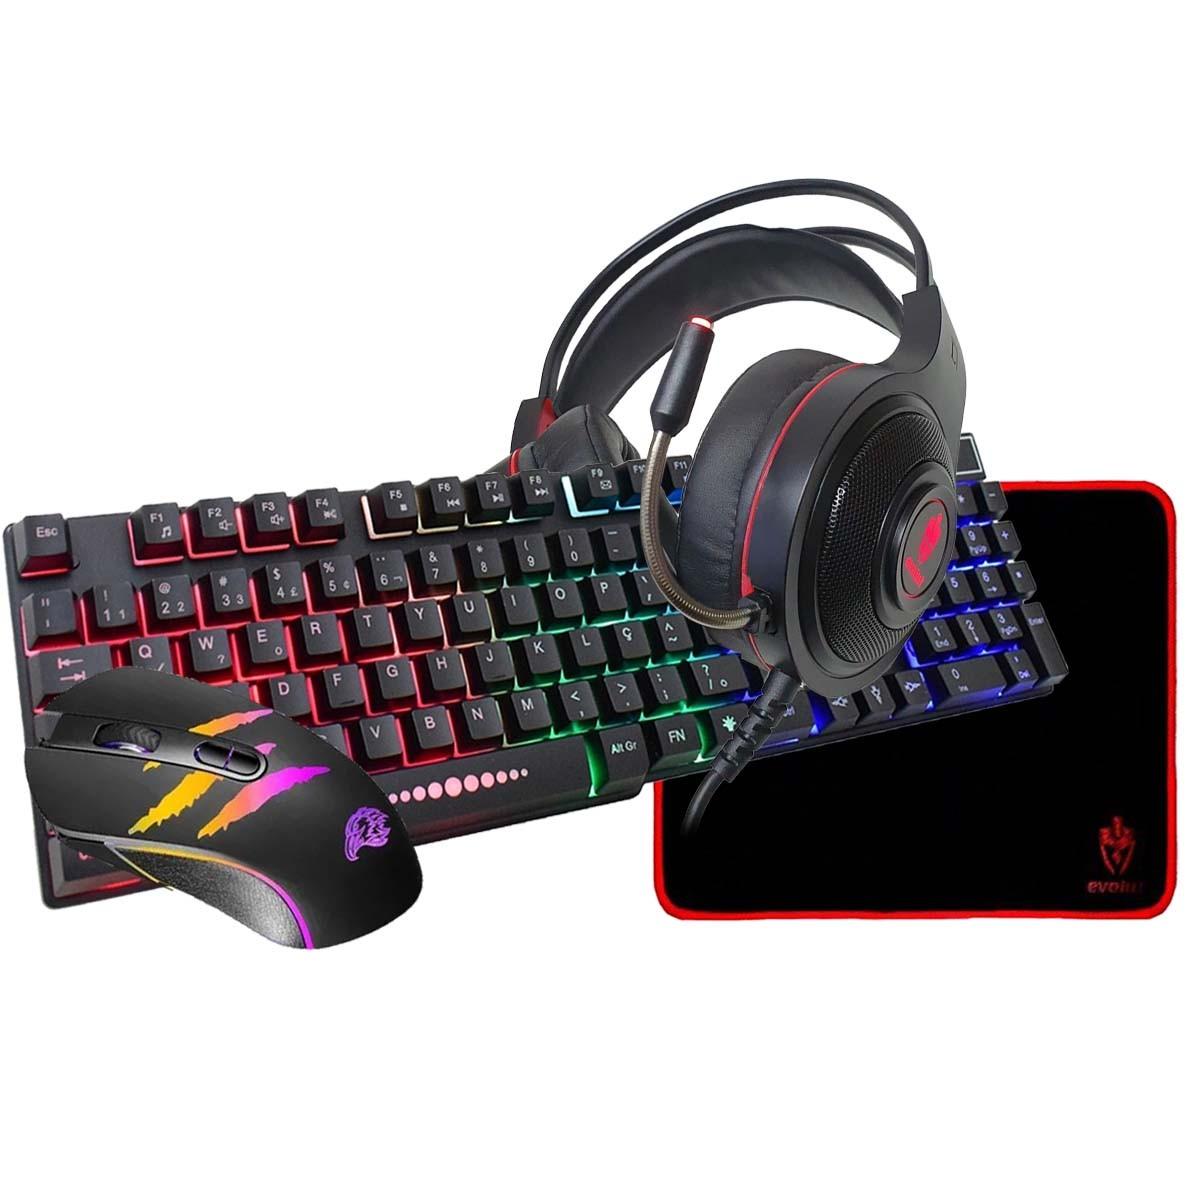 Kit Teclado Mouse Headset Mousepad Gamer Com LED RGB